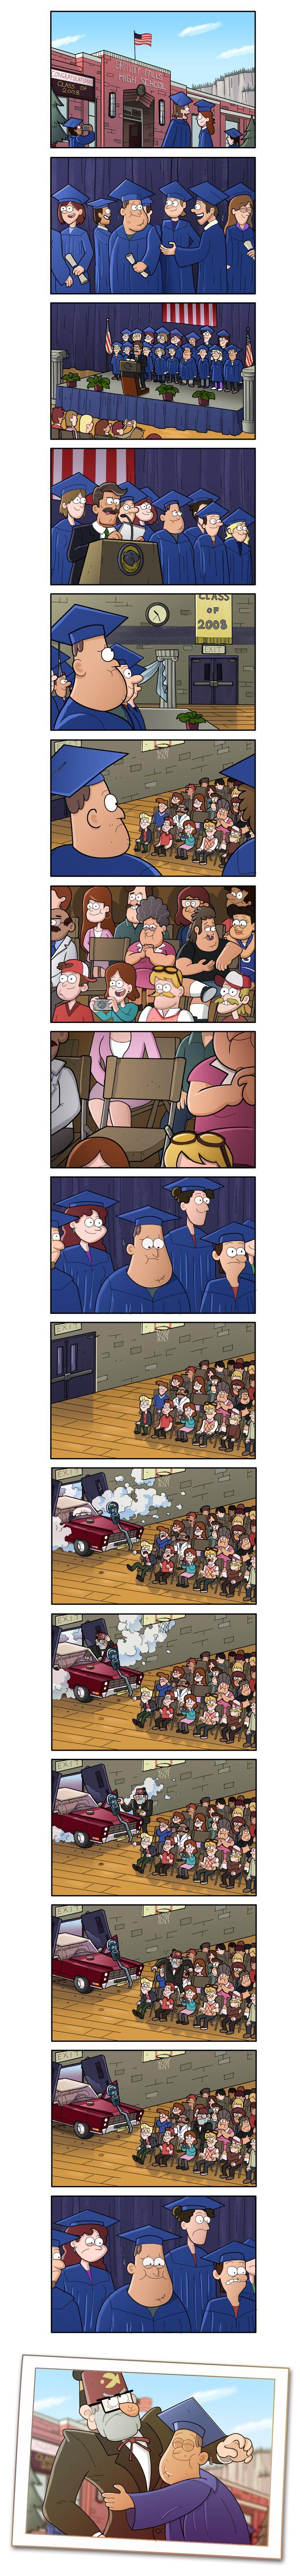 La graduación de Soos Gravity falls♡